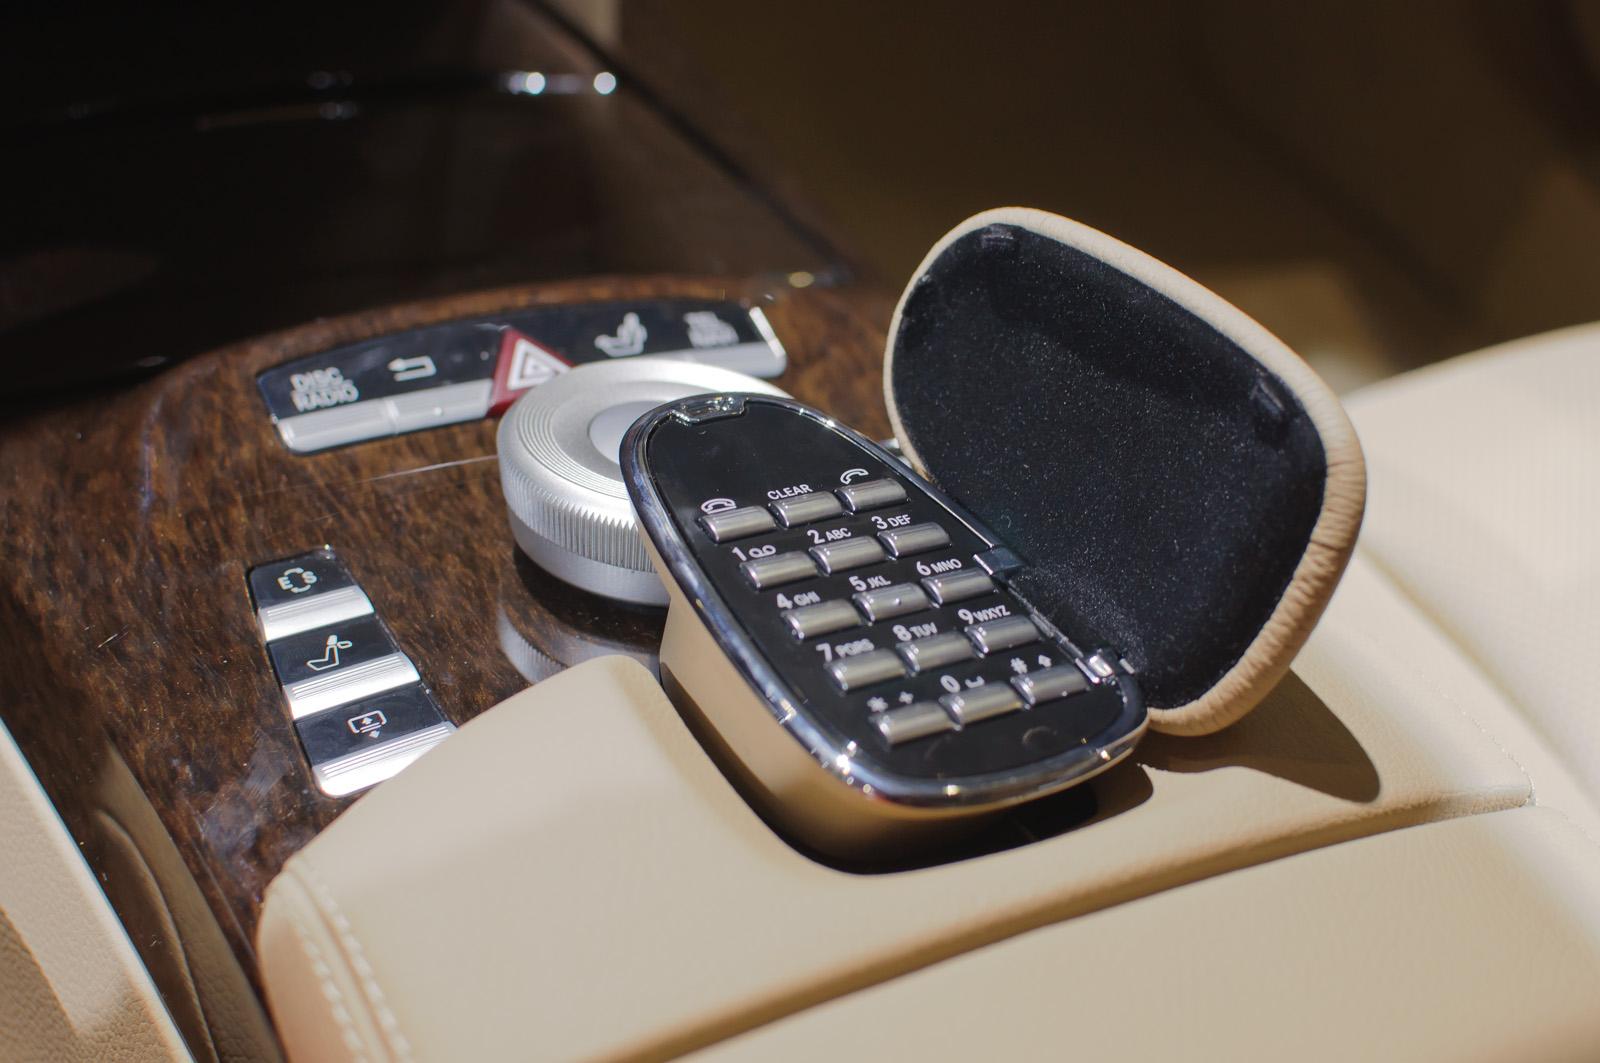 FileNumeric Keypad Mercedes Benz S350 Bluetec 4Matic US